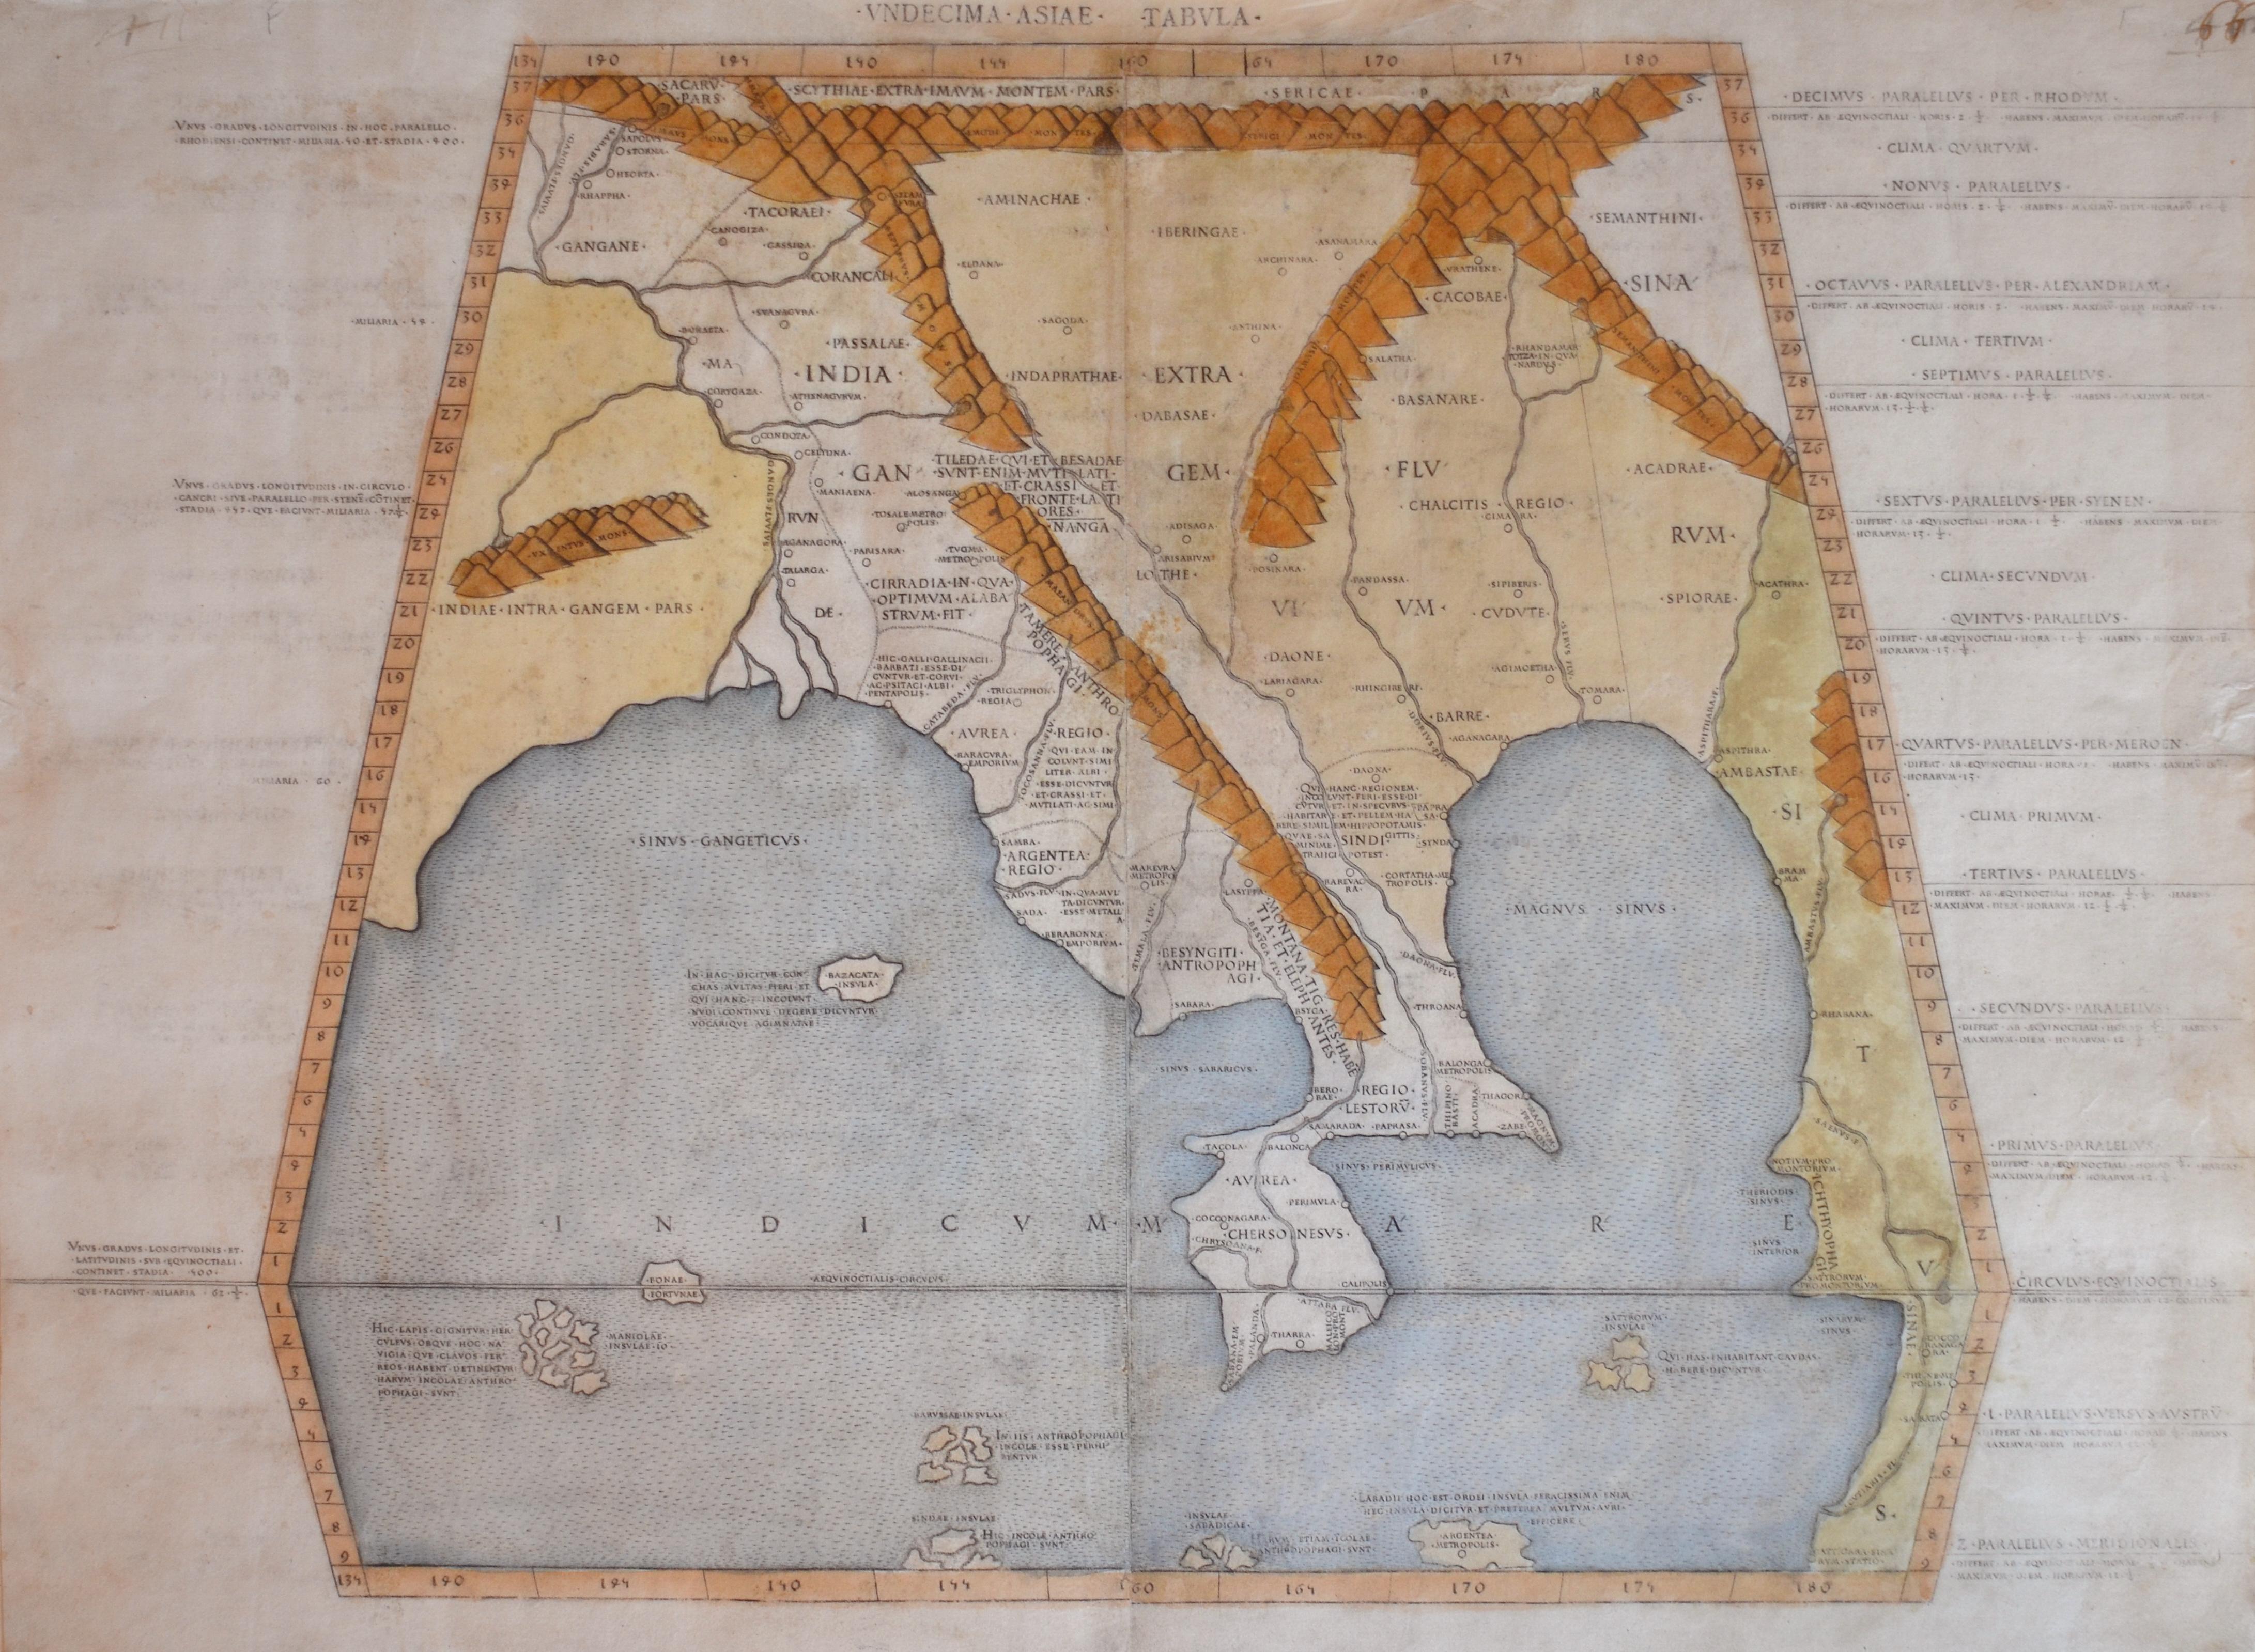 Ptolemy/Conrad Sweynheym  Undecima – Asiae – Tabula